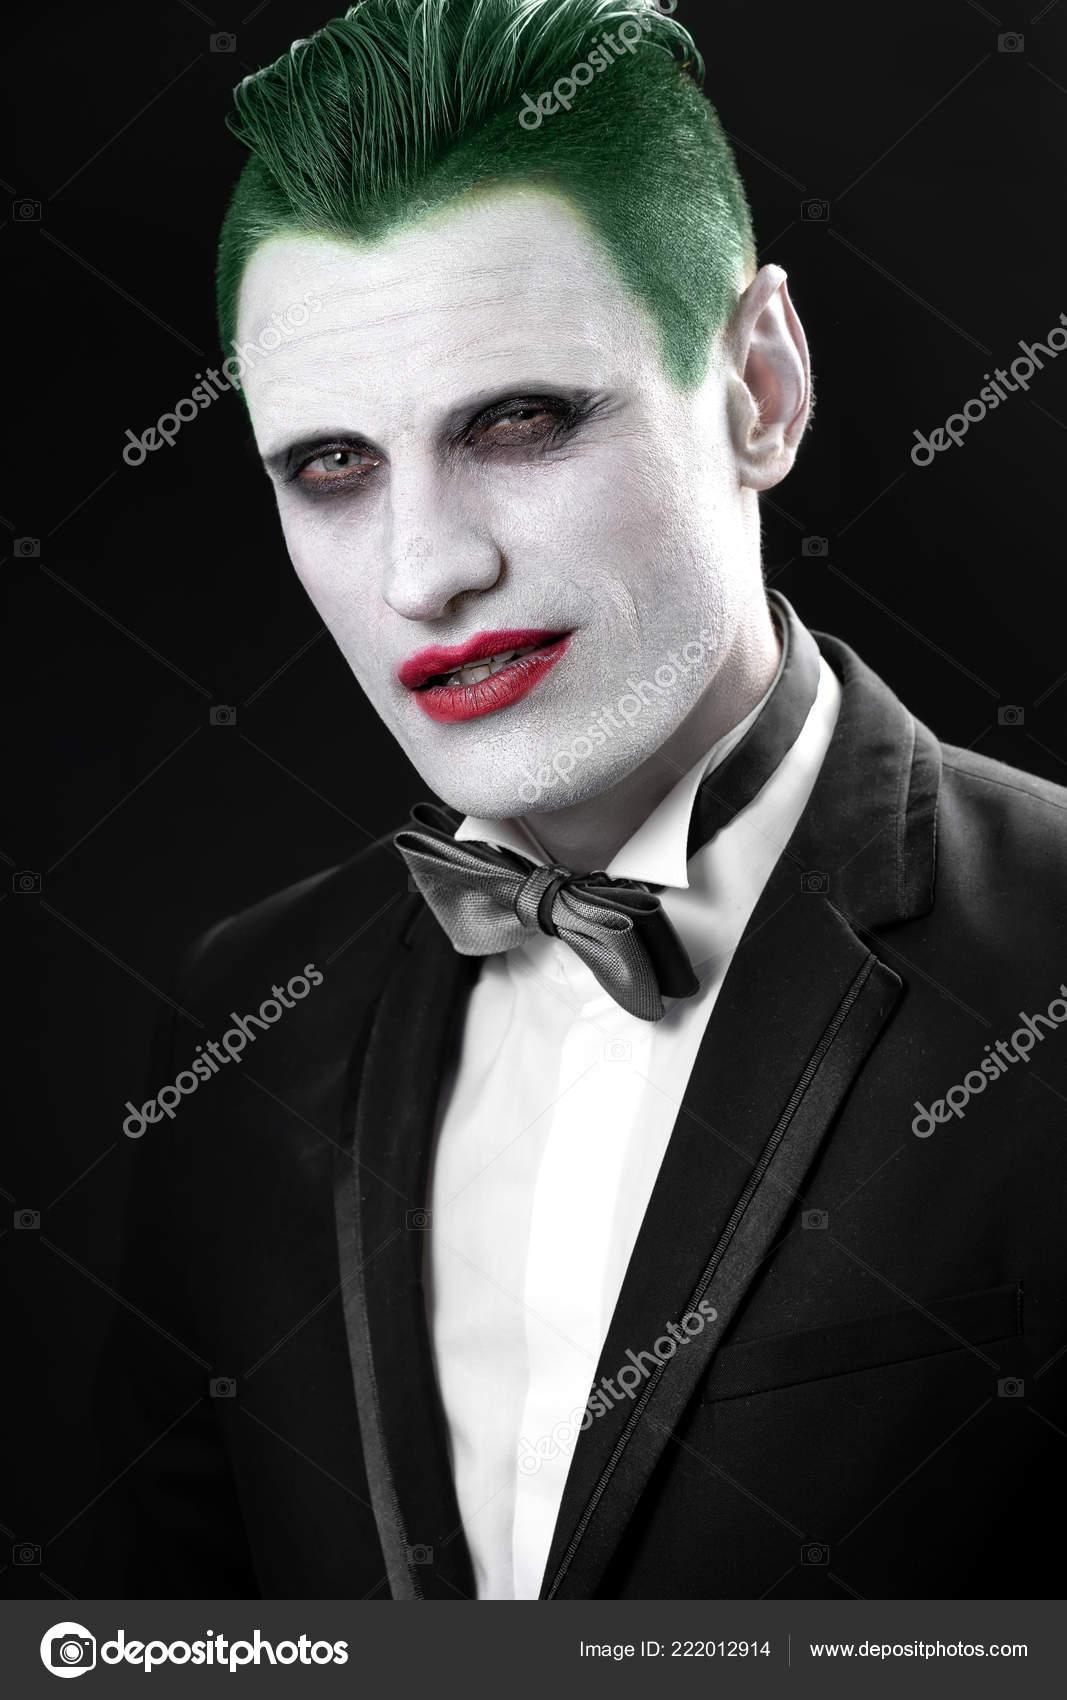 materiali di alta qualità maggiore sconto di vendita qualità perfetta Foto: trucco jolly uomo. Ritratto di un jolly. Trucco per ...